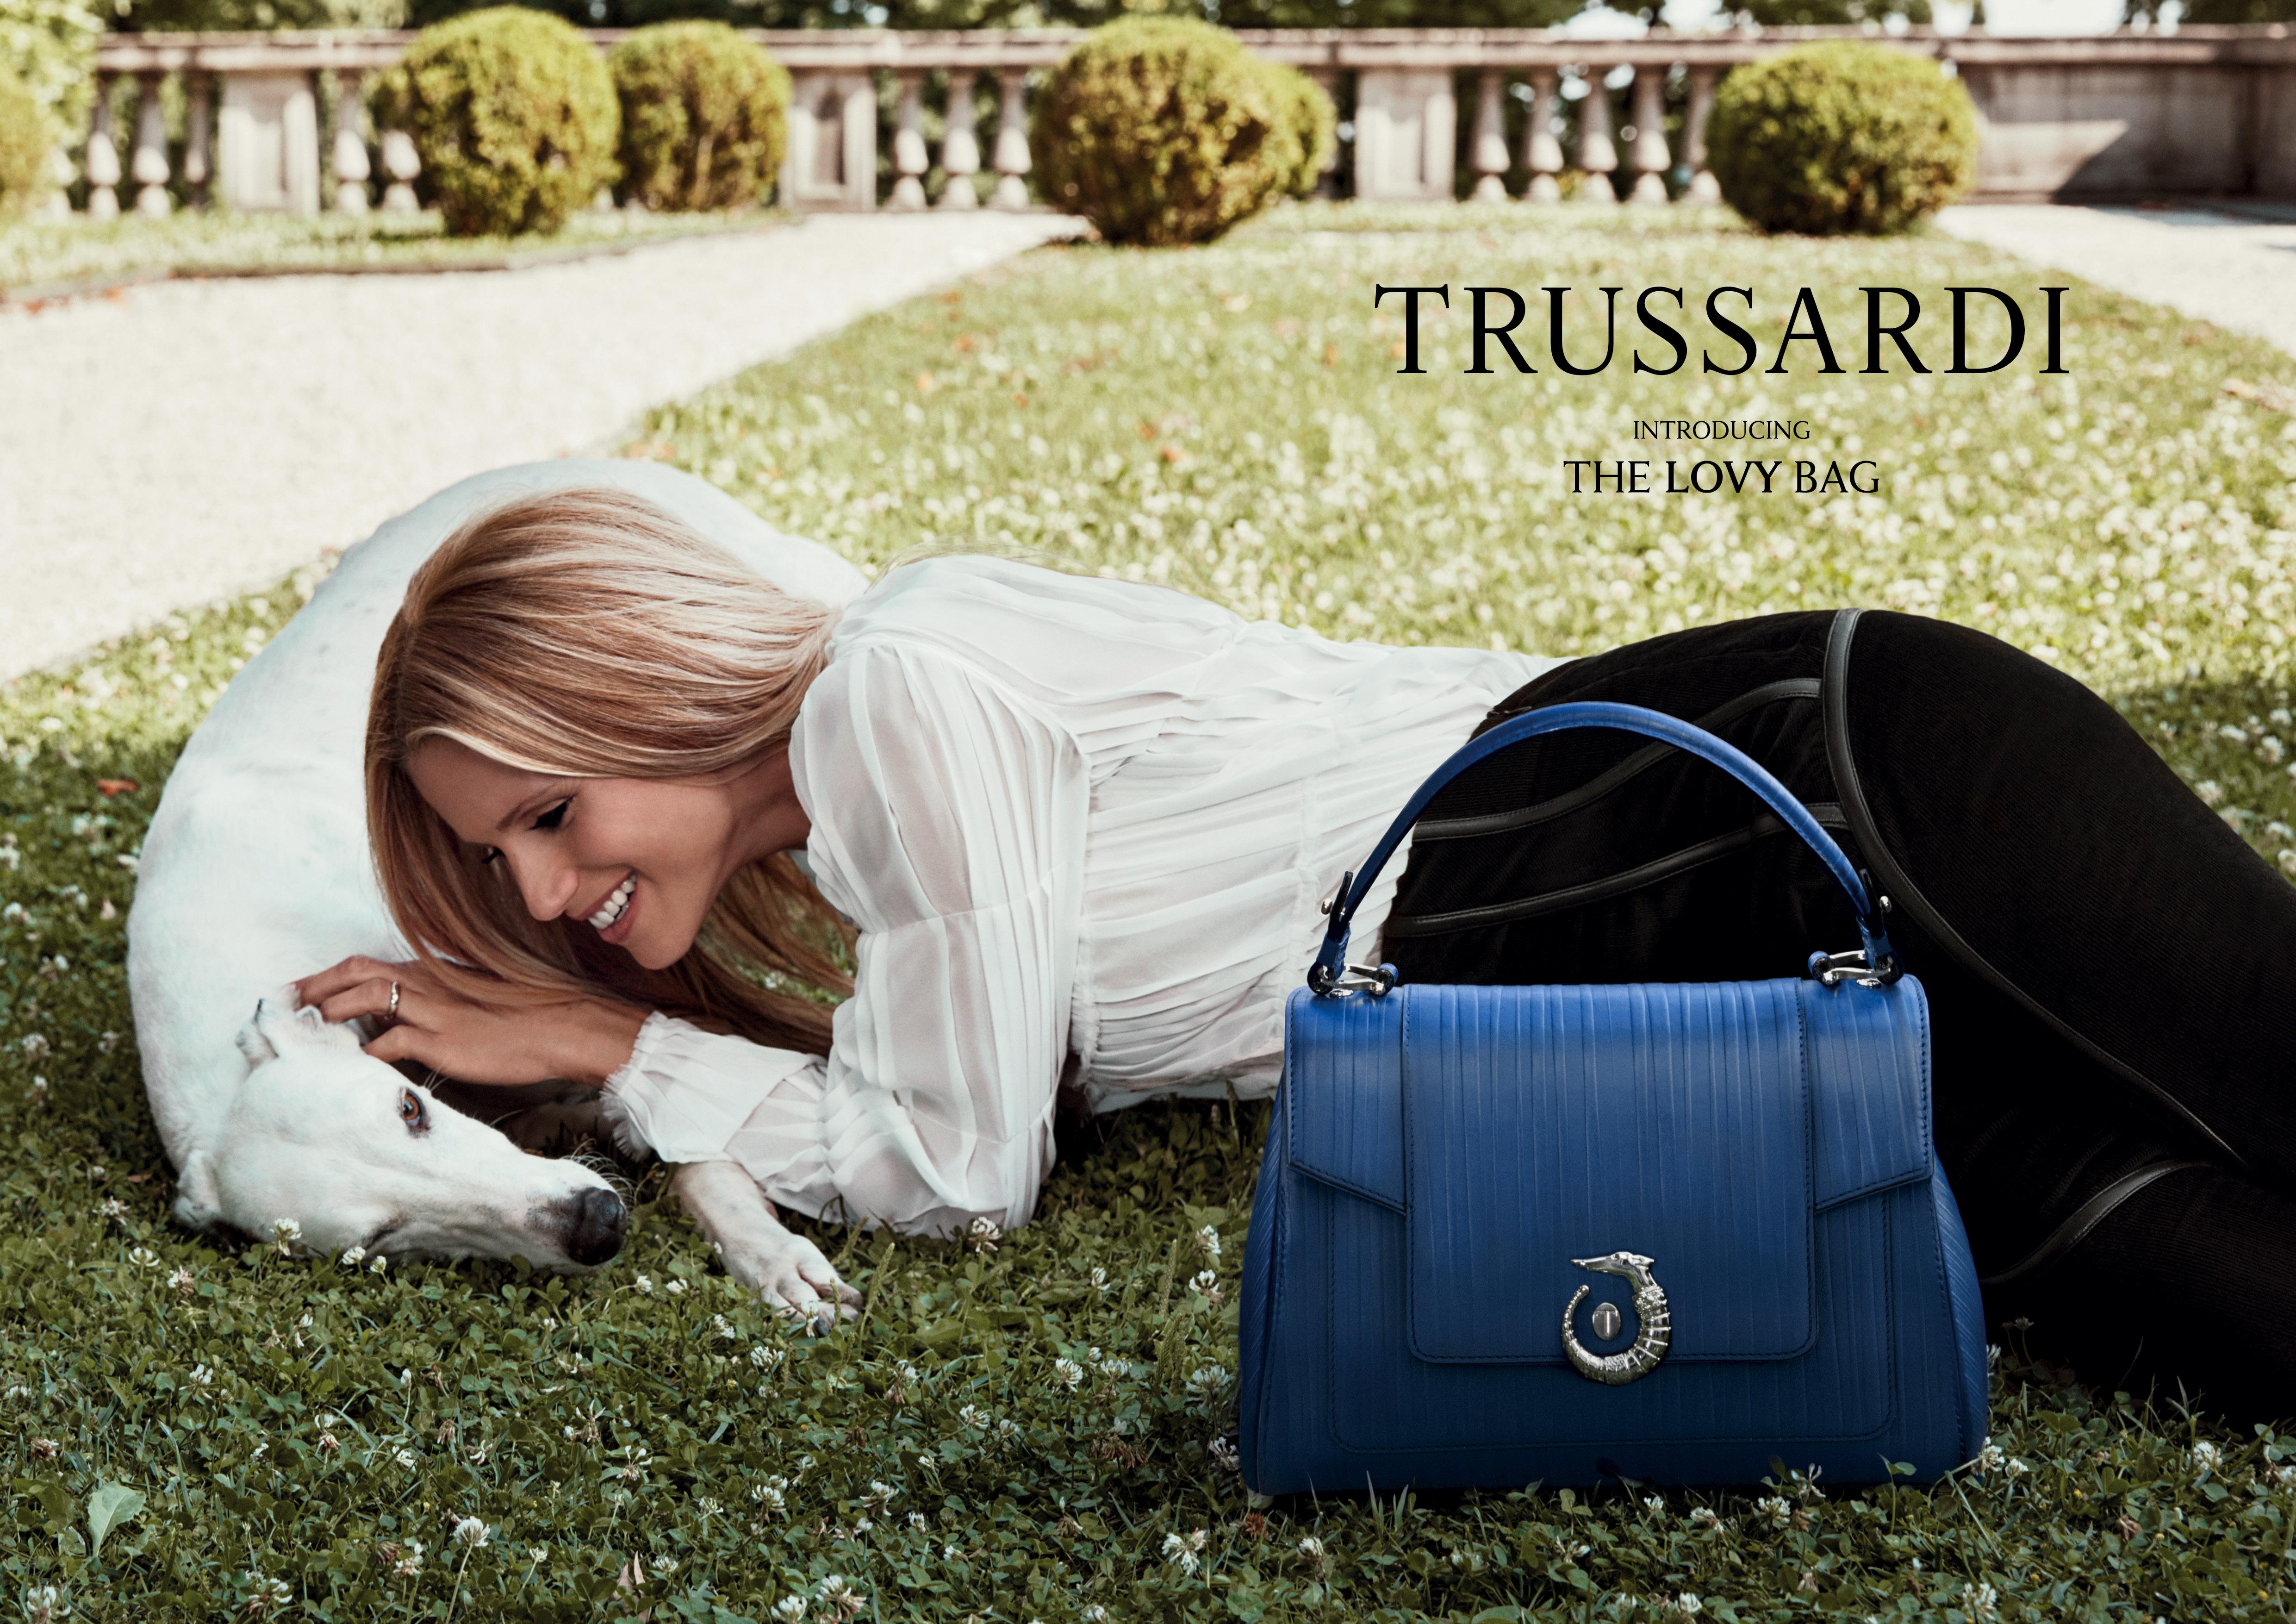 Michelle Hunziker Nuova Testimonial Trussardi Fashion Times